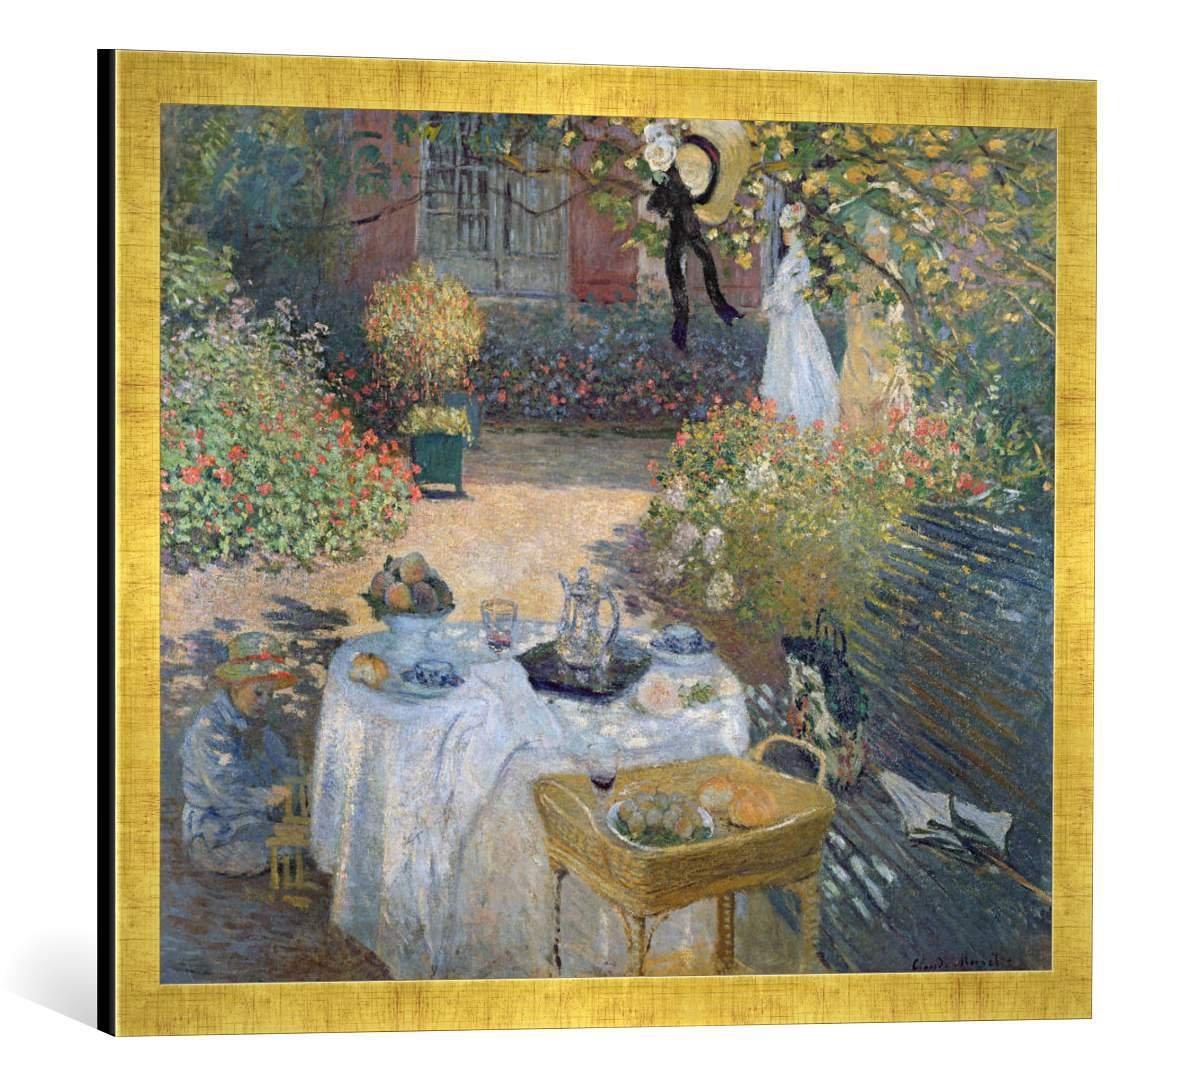 Gerahmtes Bild von Claude Monet The Luncheon: Monet's Garden at Argenteuil, c.1873, Kunstdruck im hochwertigen handgefertigten Bilder-Rahmen, 70x50 cm, Gold Raya